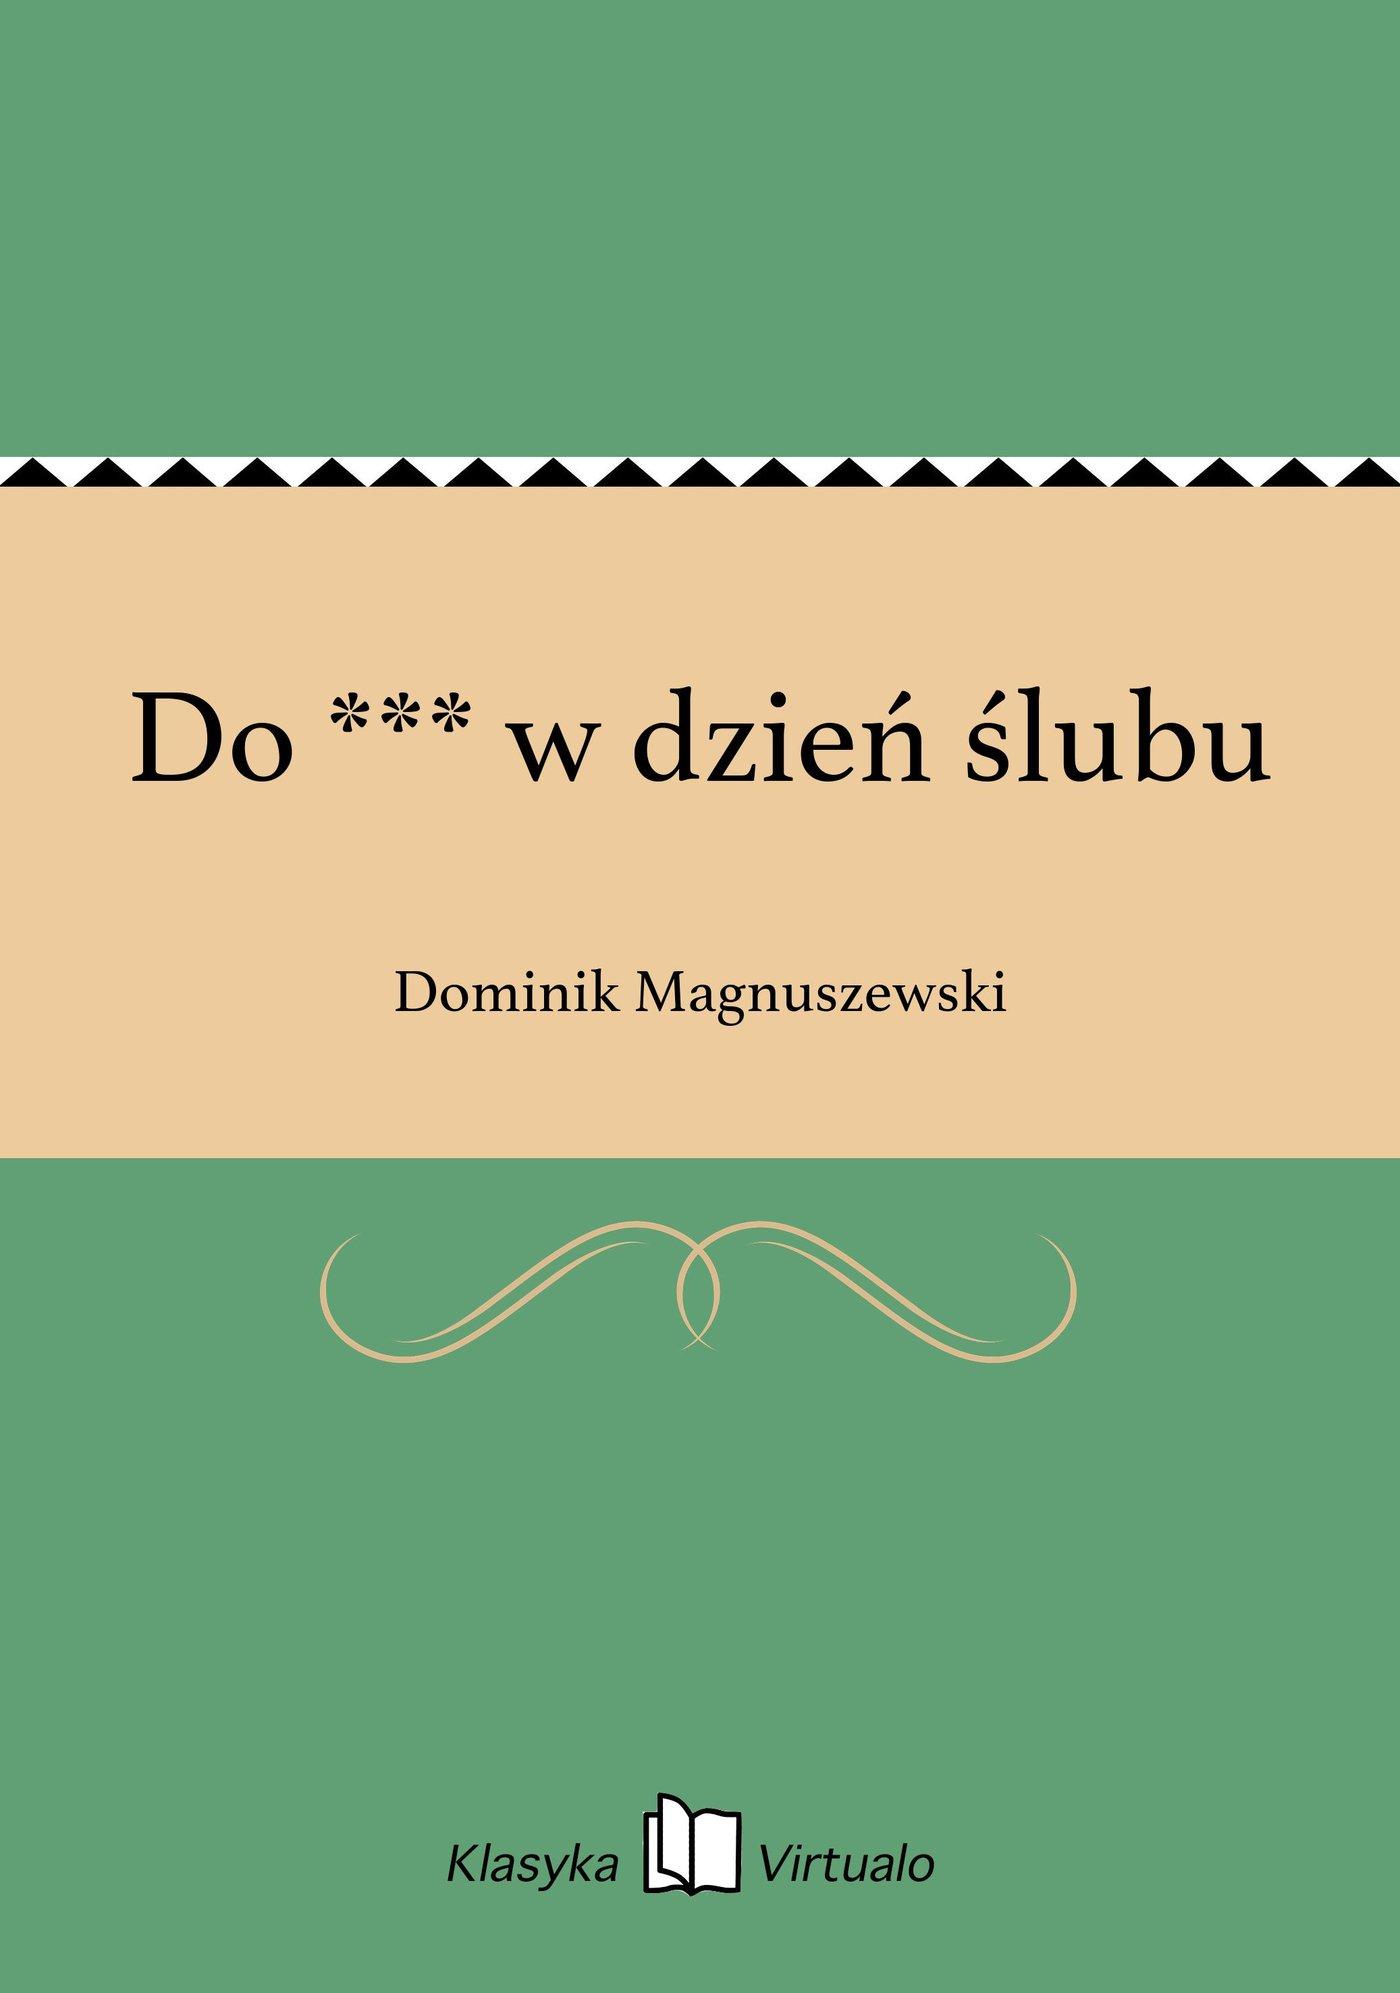 Do *** w dzień ślubu - Ebook (Książka EPUB) do pobrania w formacie EPUB